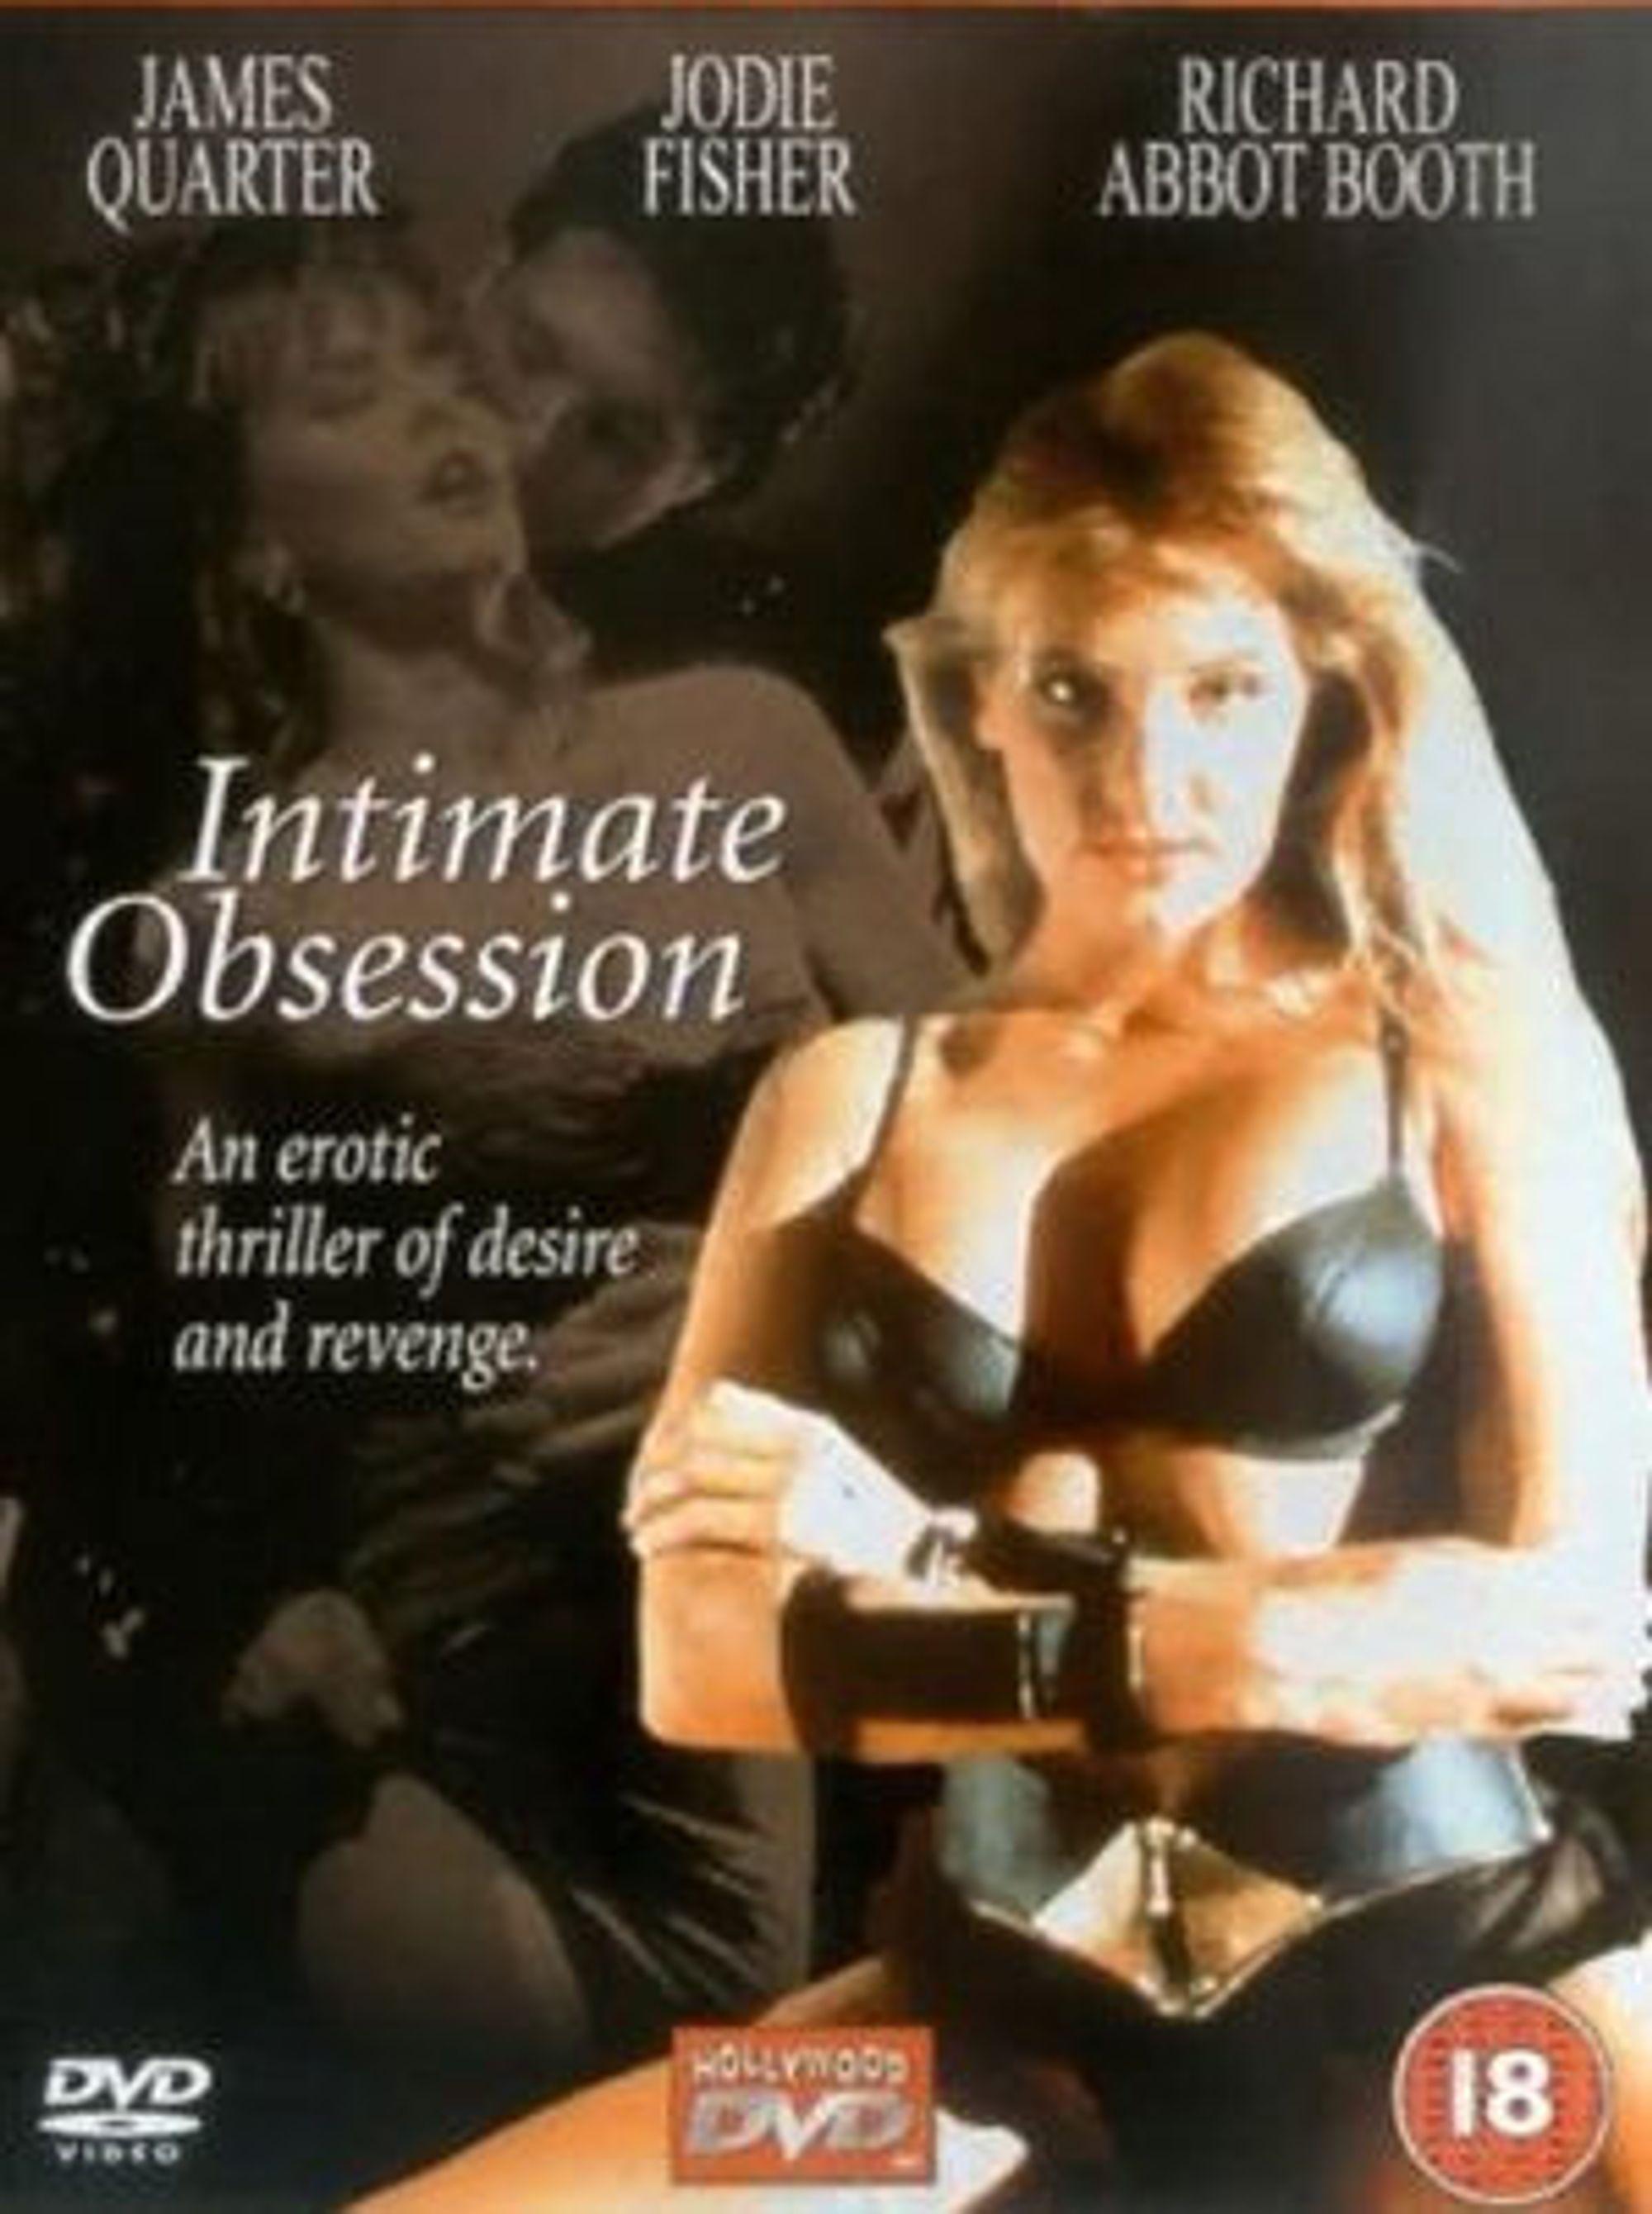 Den «erotiske thrilleren om begjær og hevn» har ifølge alle hold ingenting til felles med forholdet mellom den tidligere filmskuespillerinnen Jodie Fisher (bildet) og tidligere HP-sjef Mark Hurd.